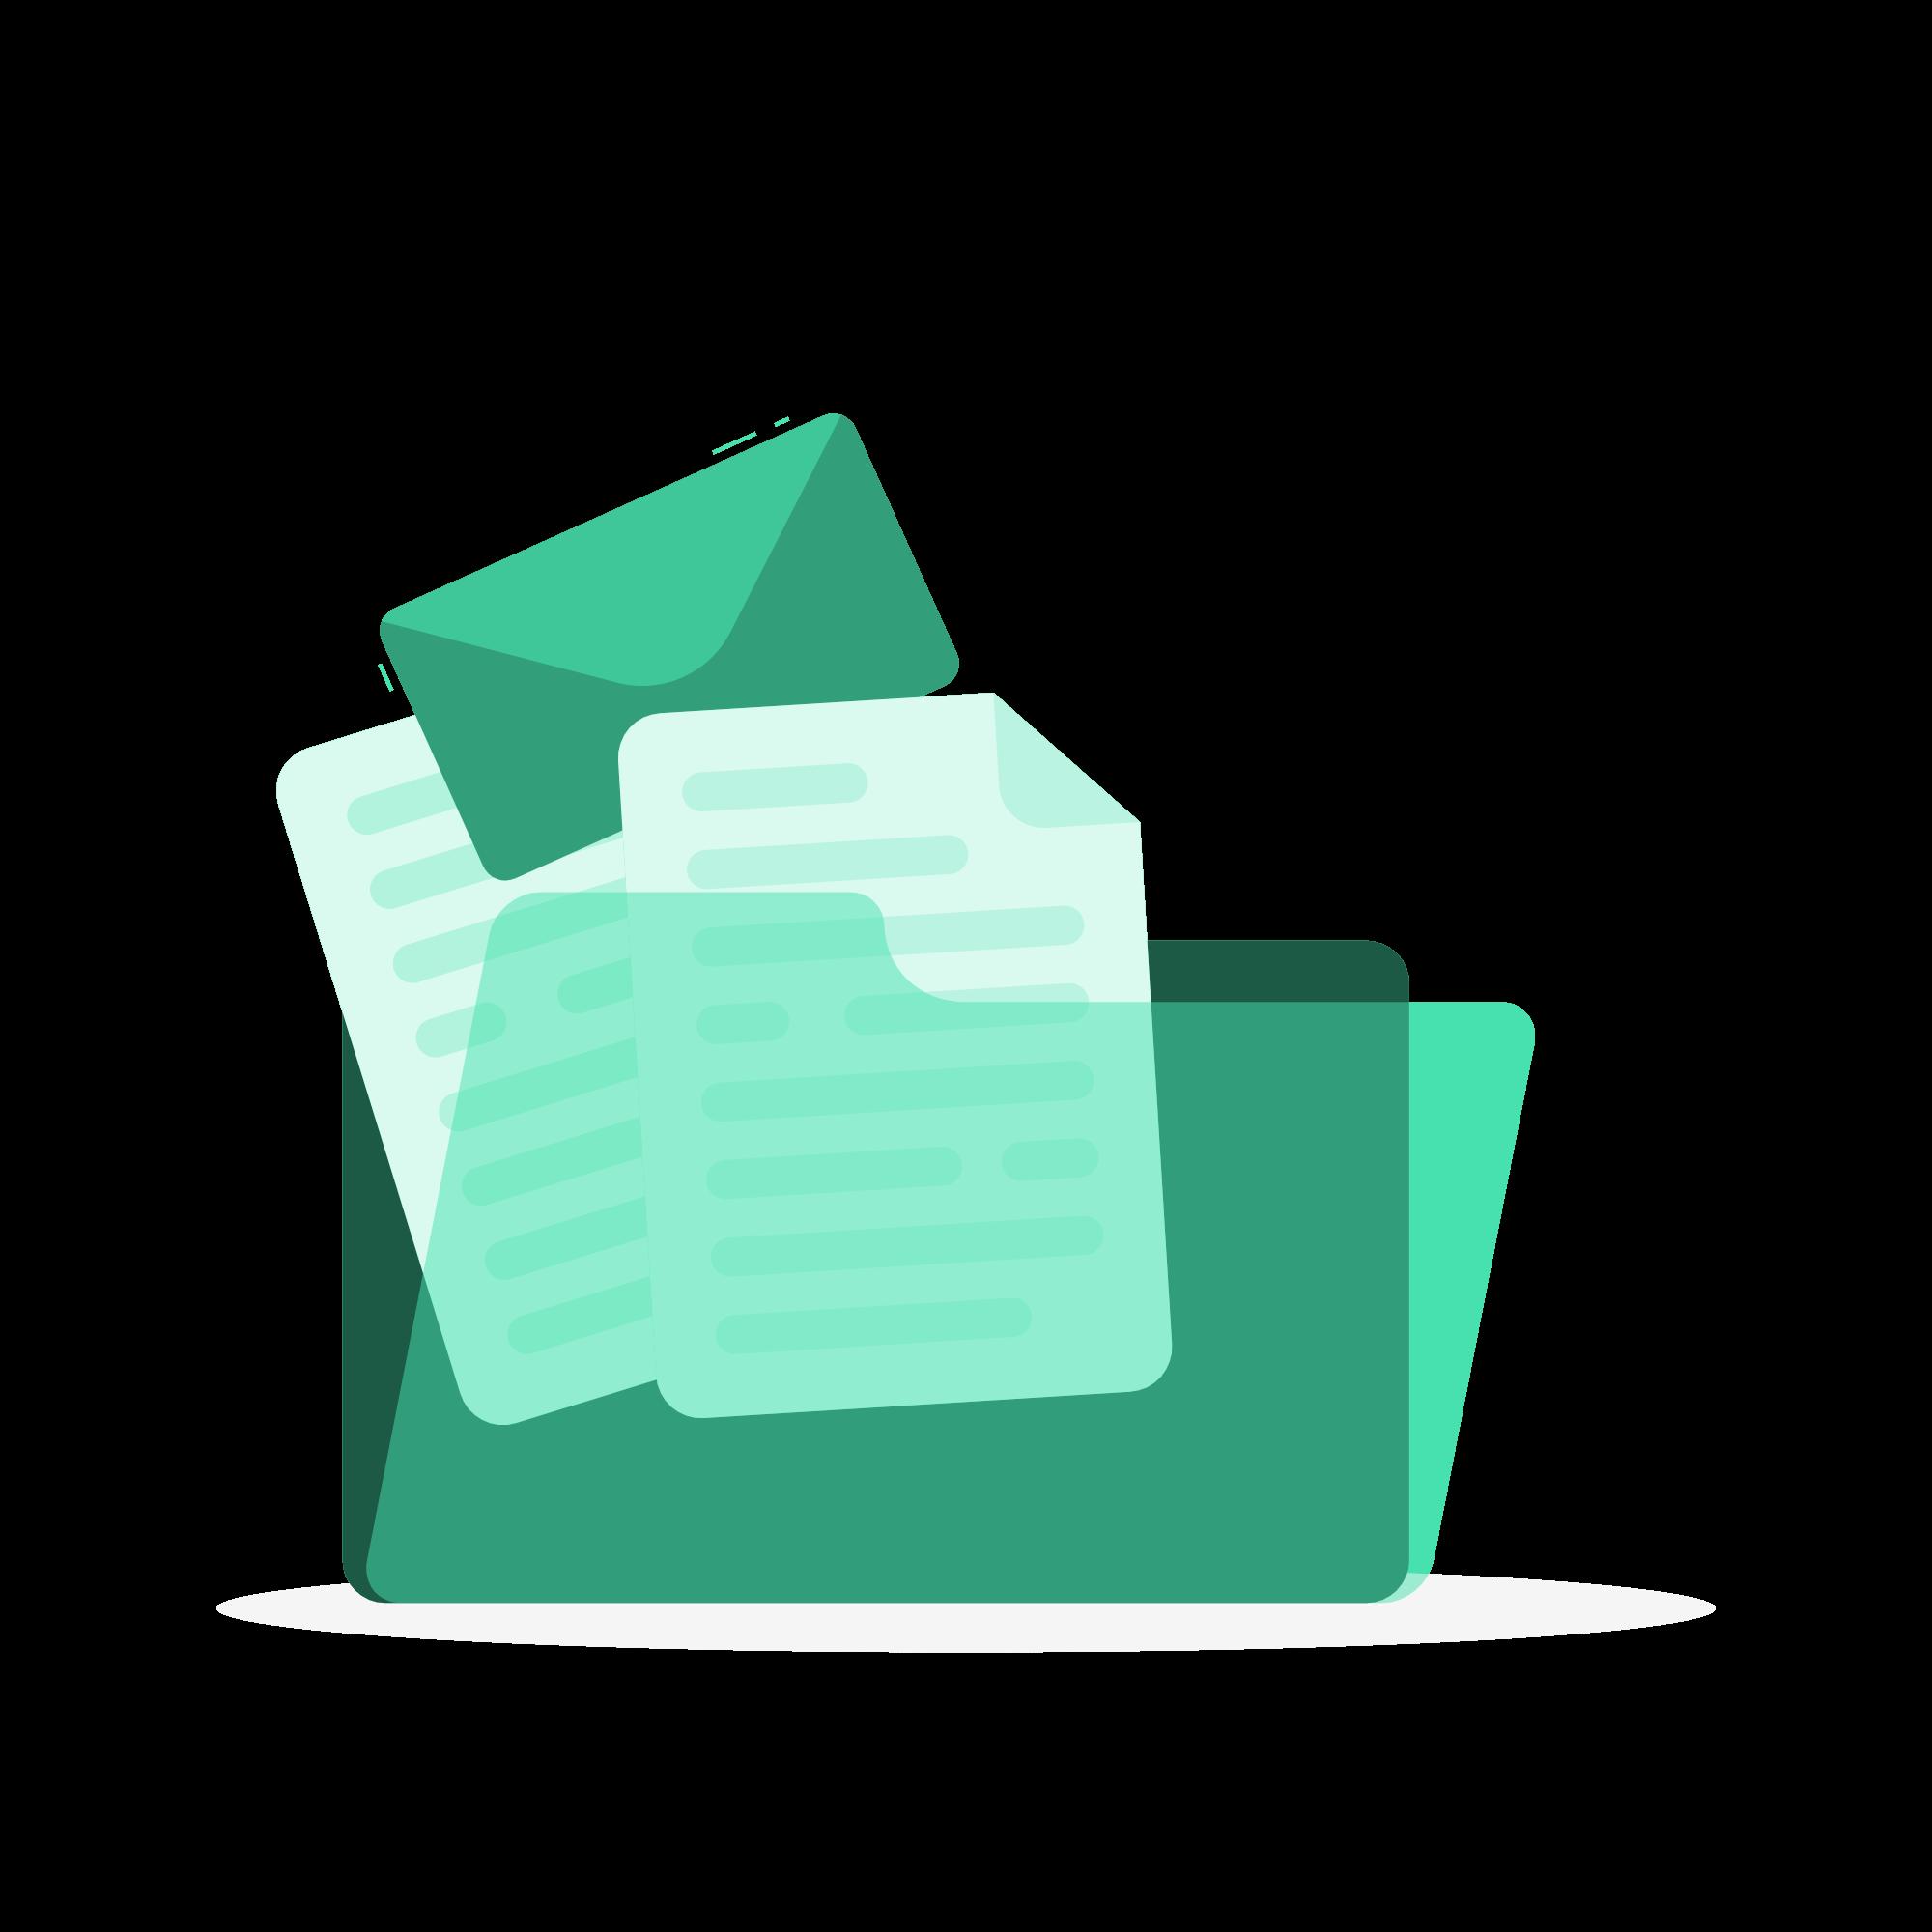 Documents-rafiki